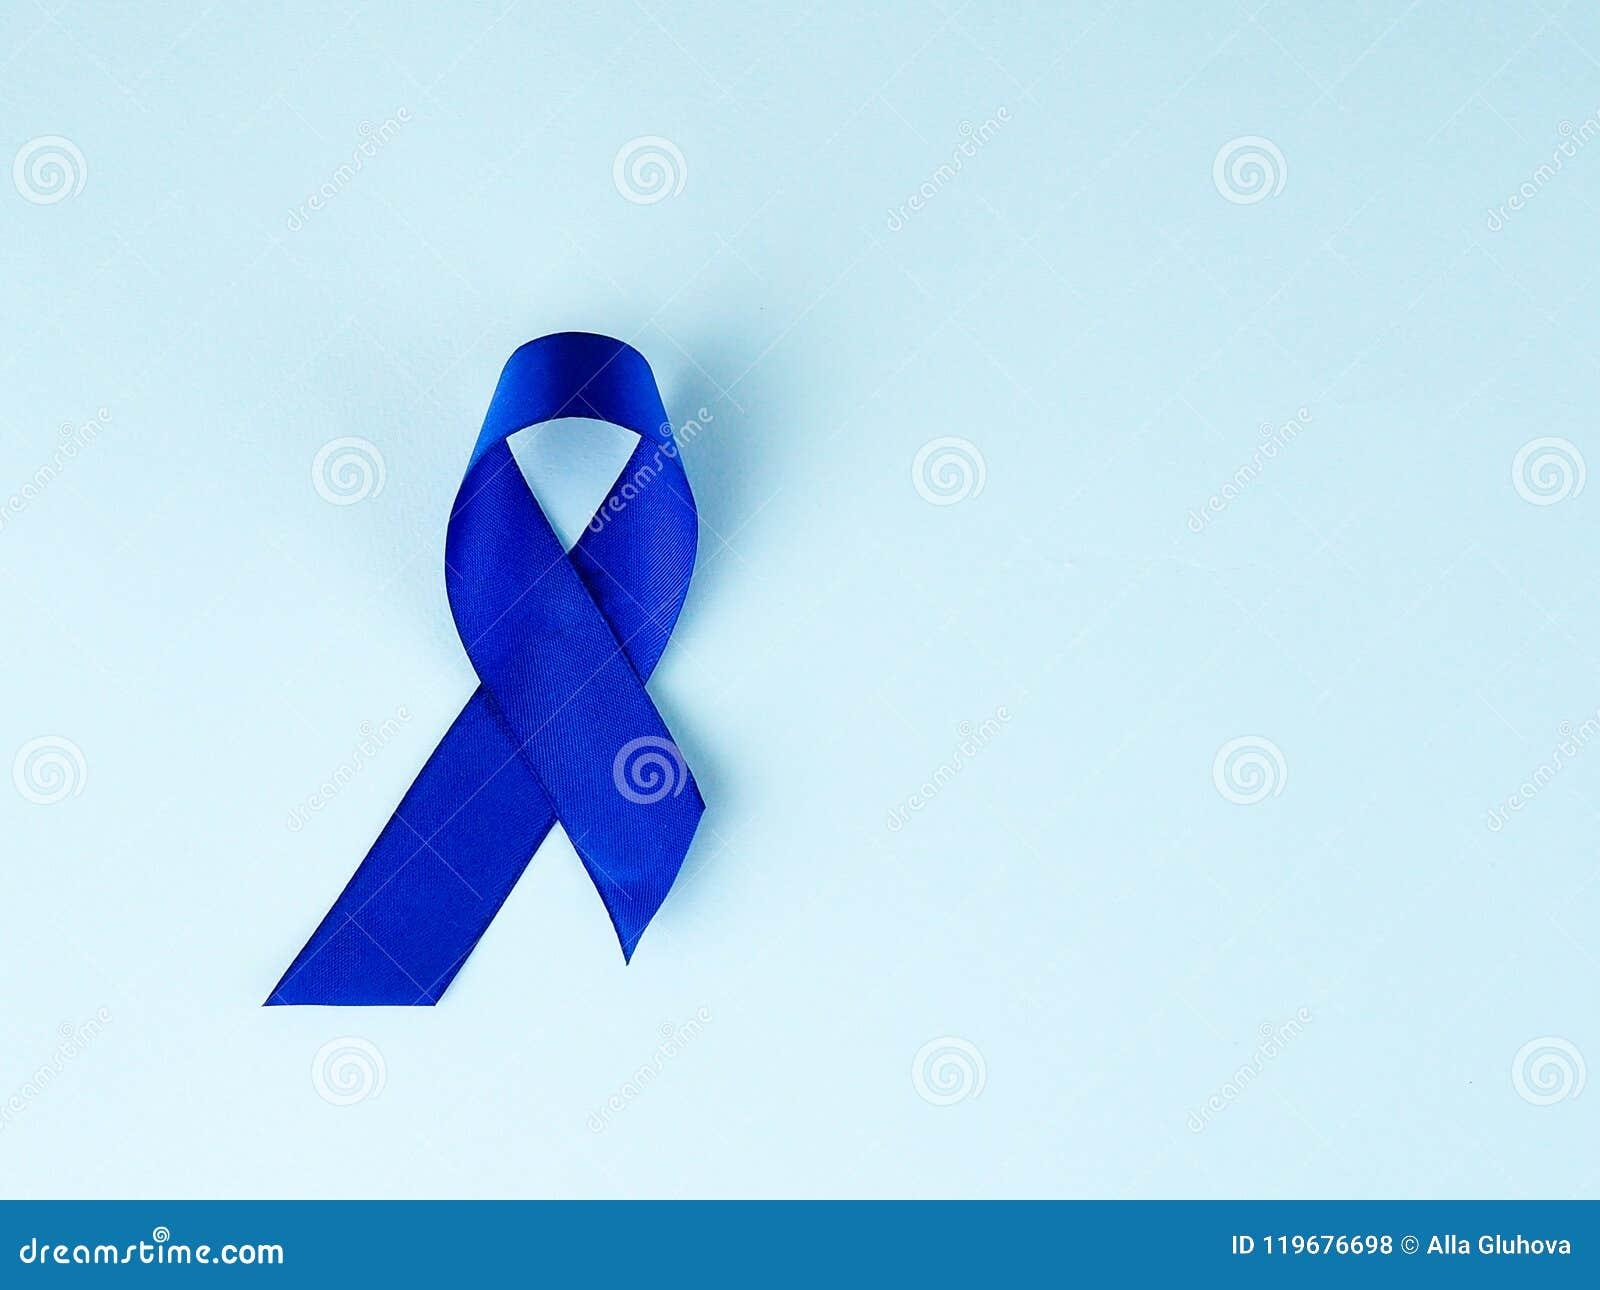 最高荣誉了悟 结肠癌,结肠直肠的巨蟹星座,虐待儿童了悟,世界糖尿病天